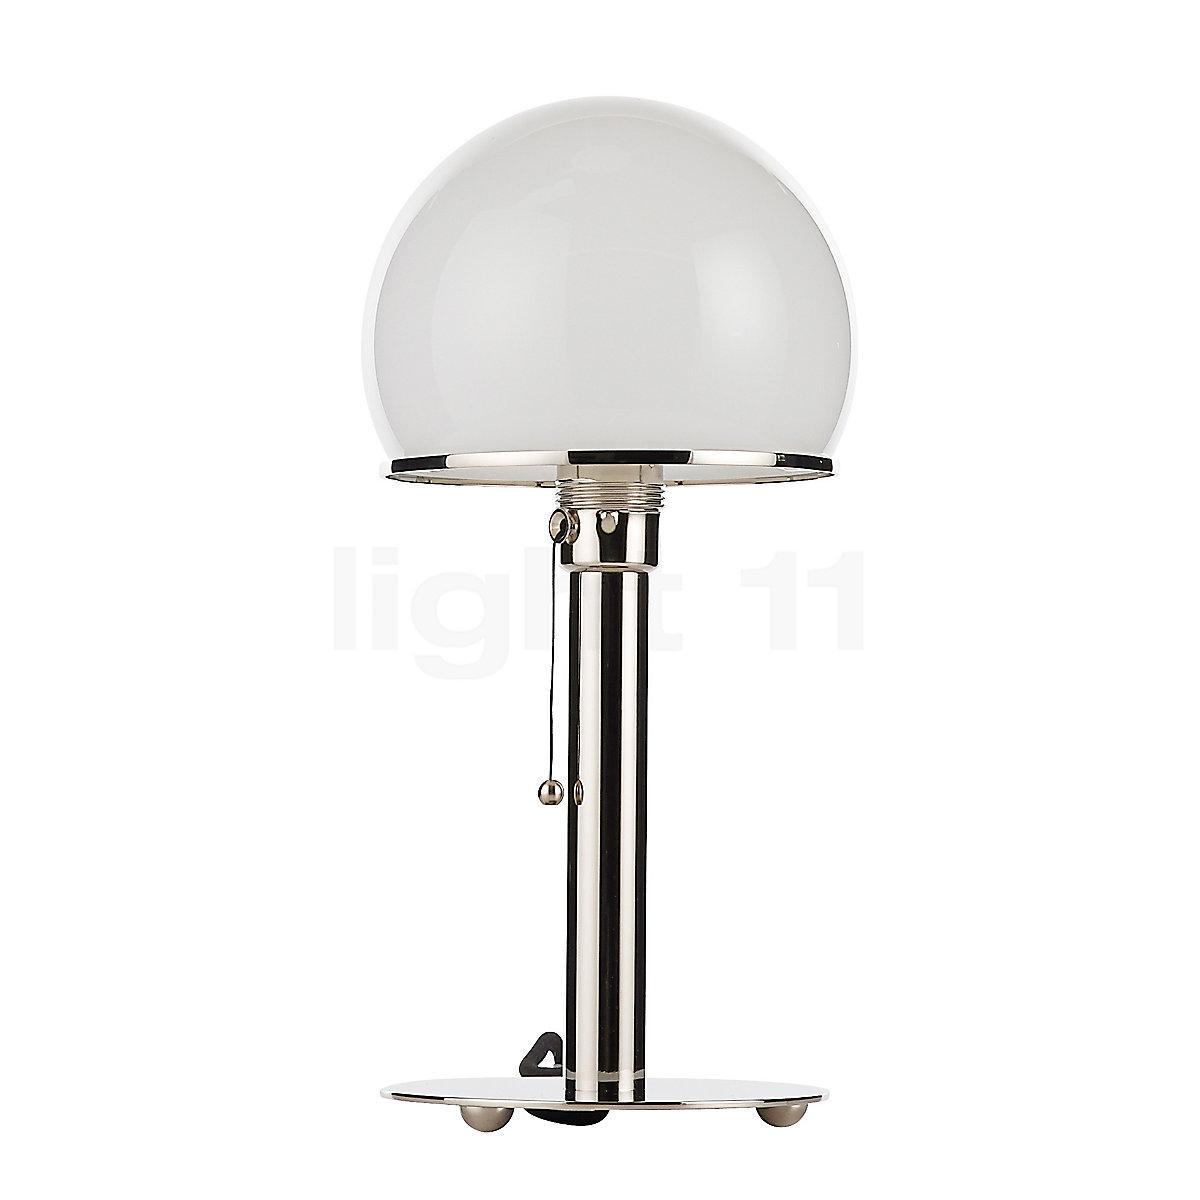 Wagenfeld Lampe Zugschnur Wechseln